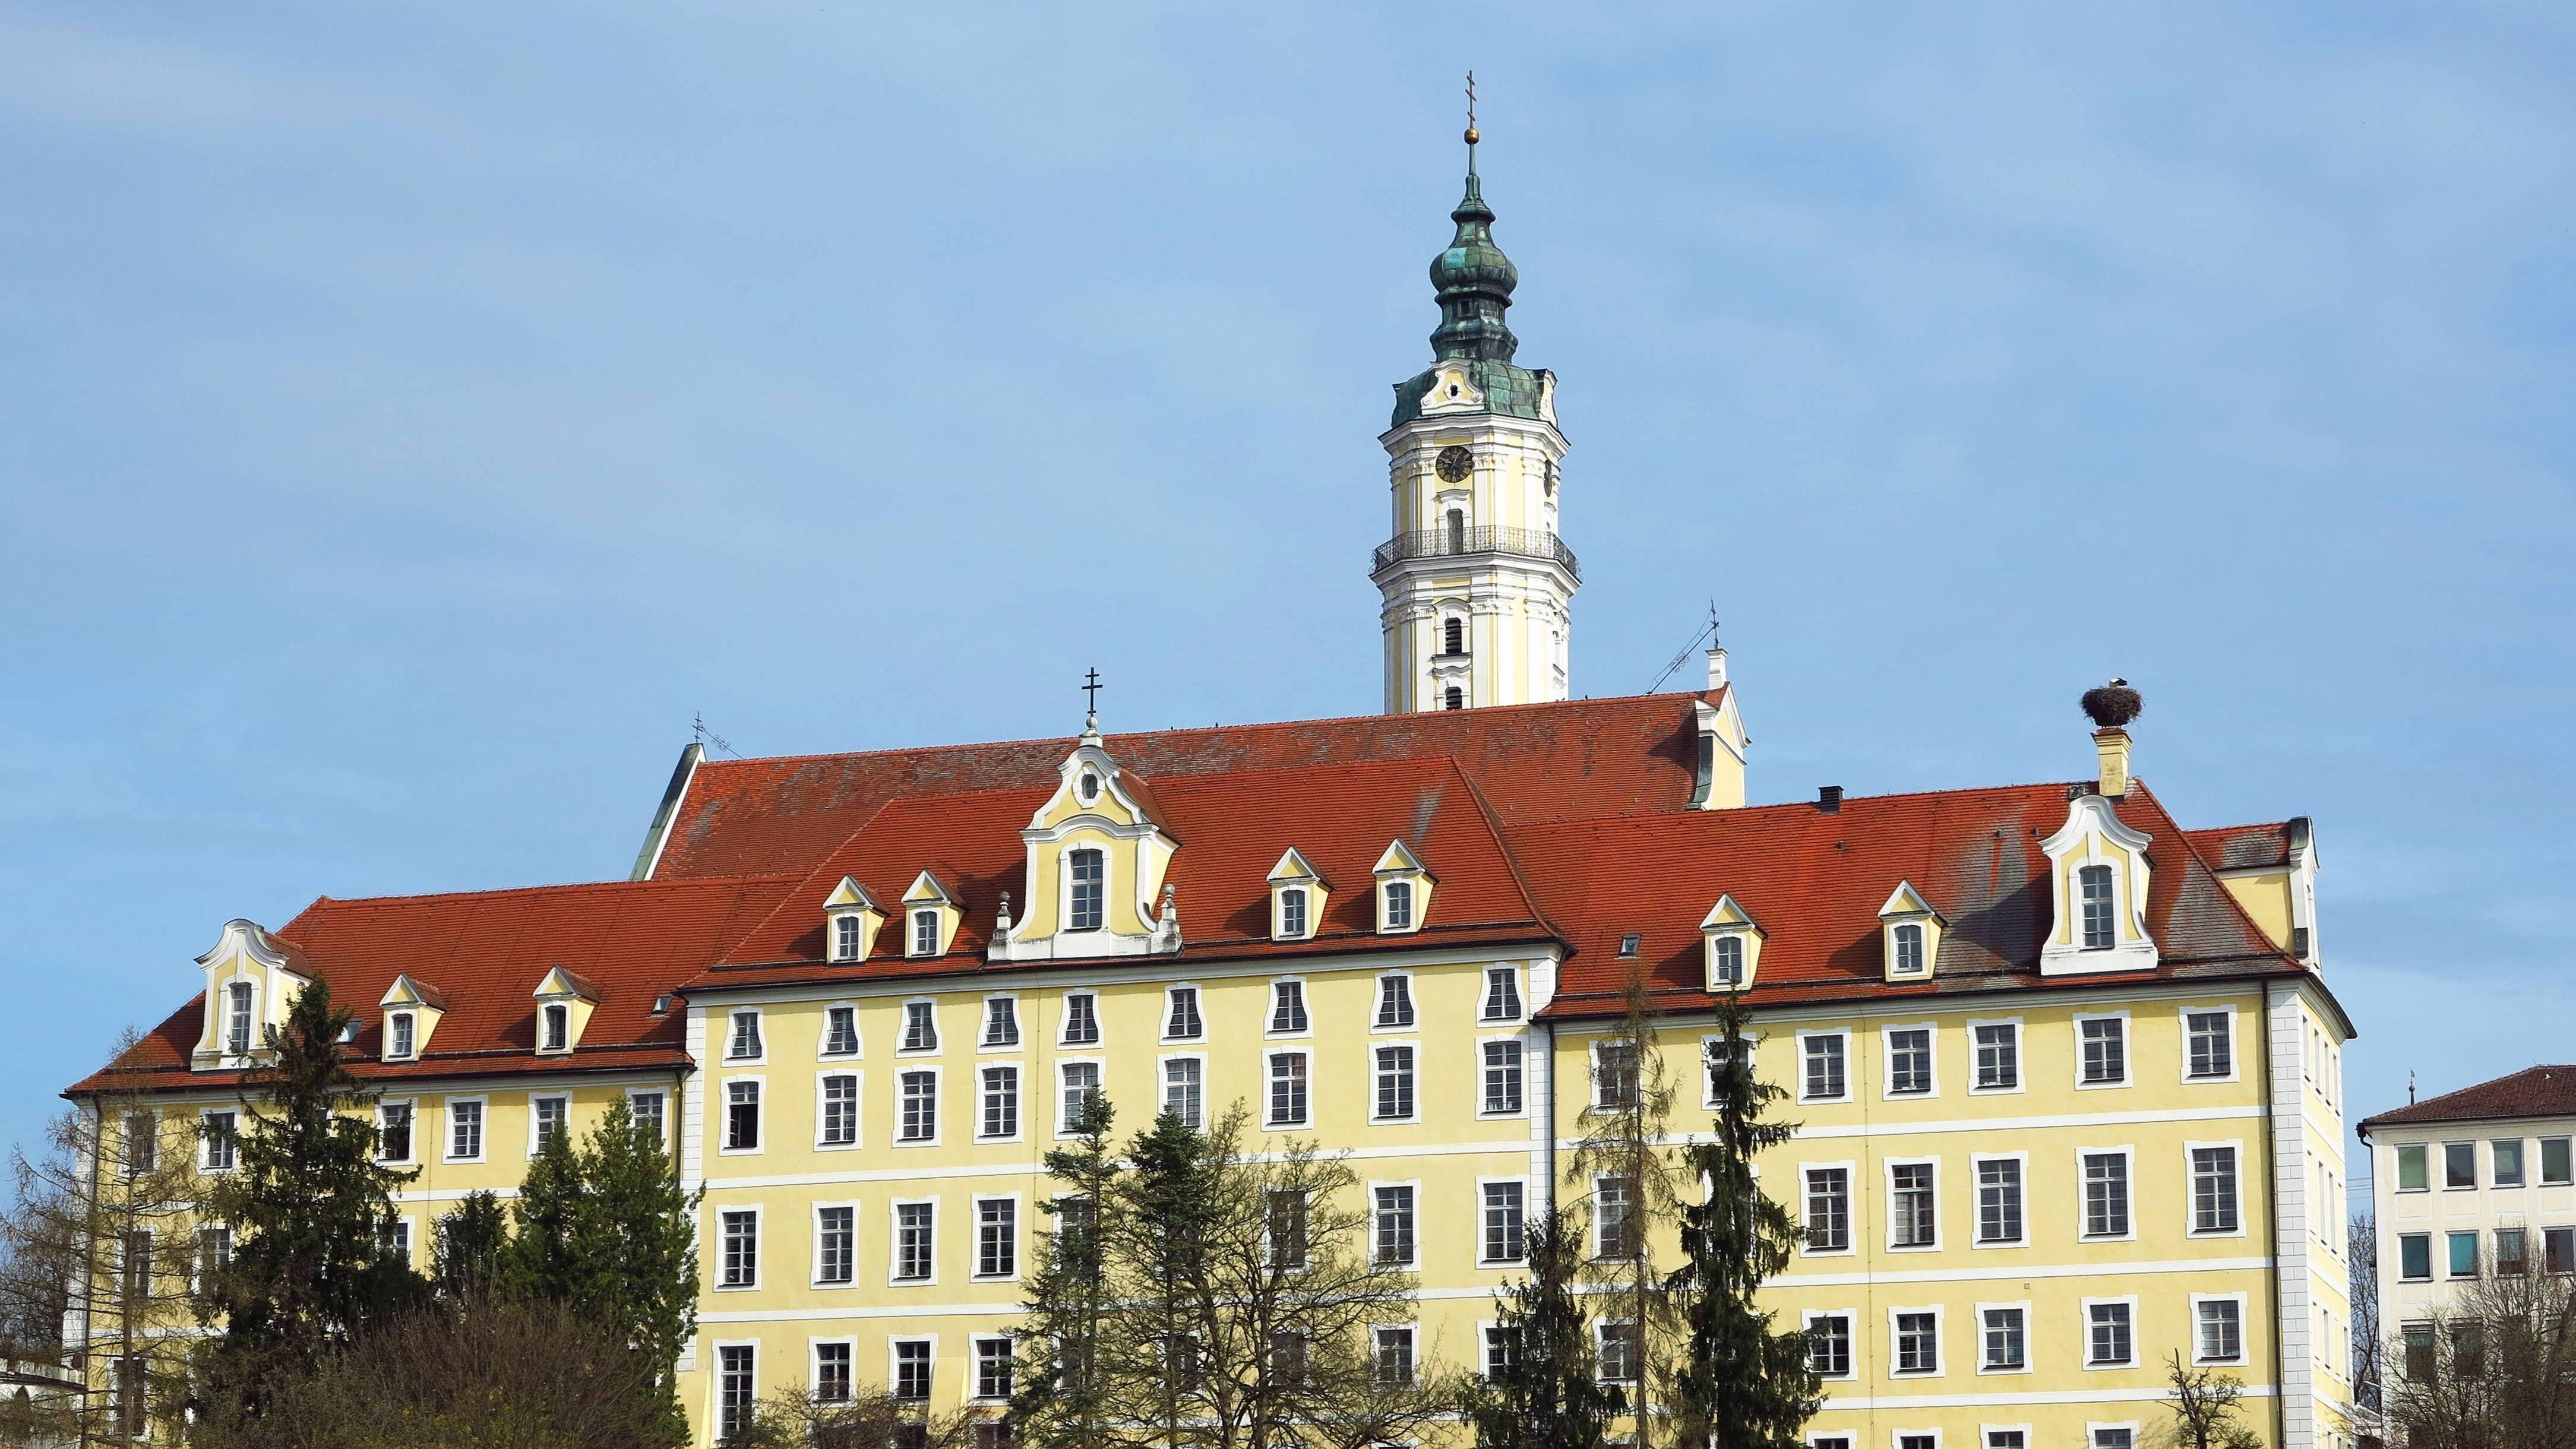 Donauwörth, Heilig-Kreuz-Kloster